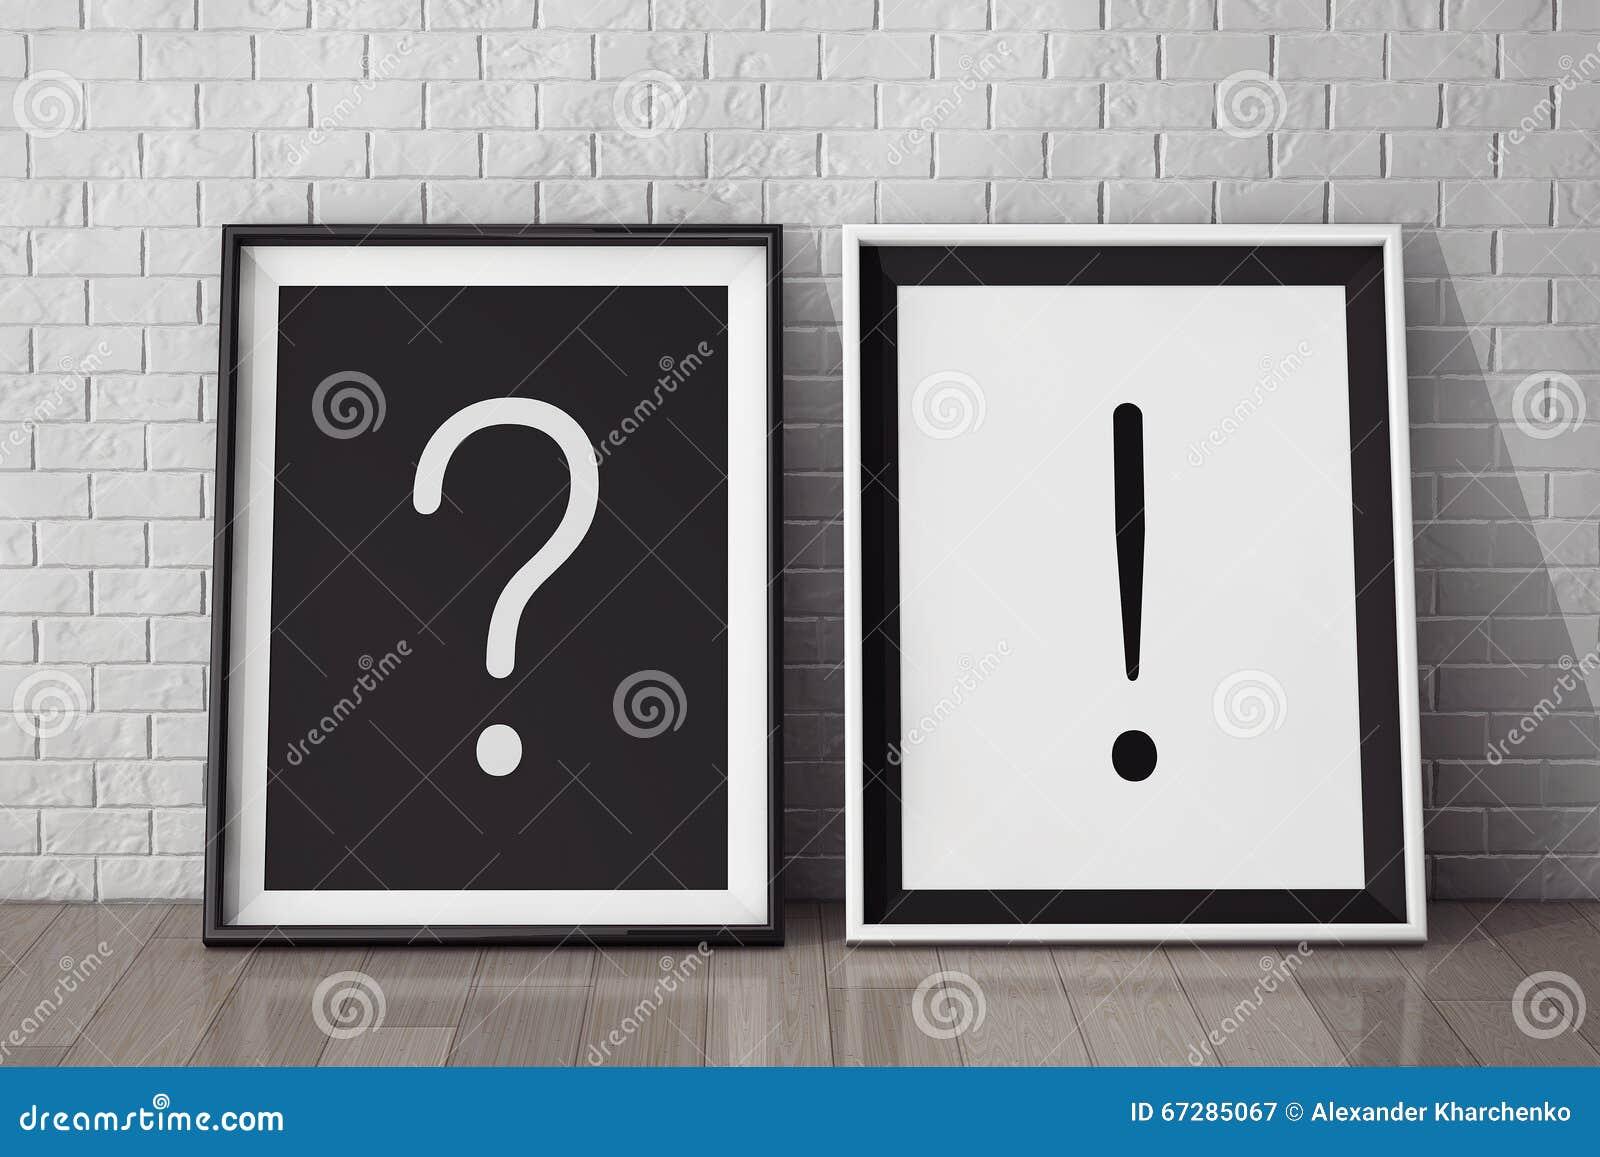 Bilderrahmen Mit Frage Und Ausrufezeichen Stockbild - Bild von ...